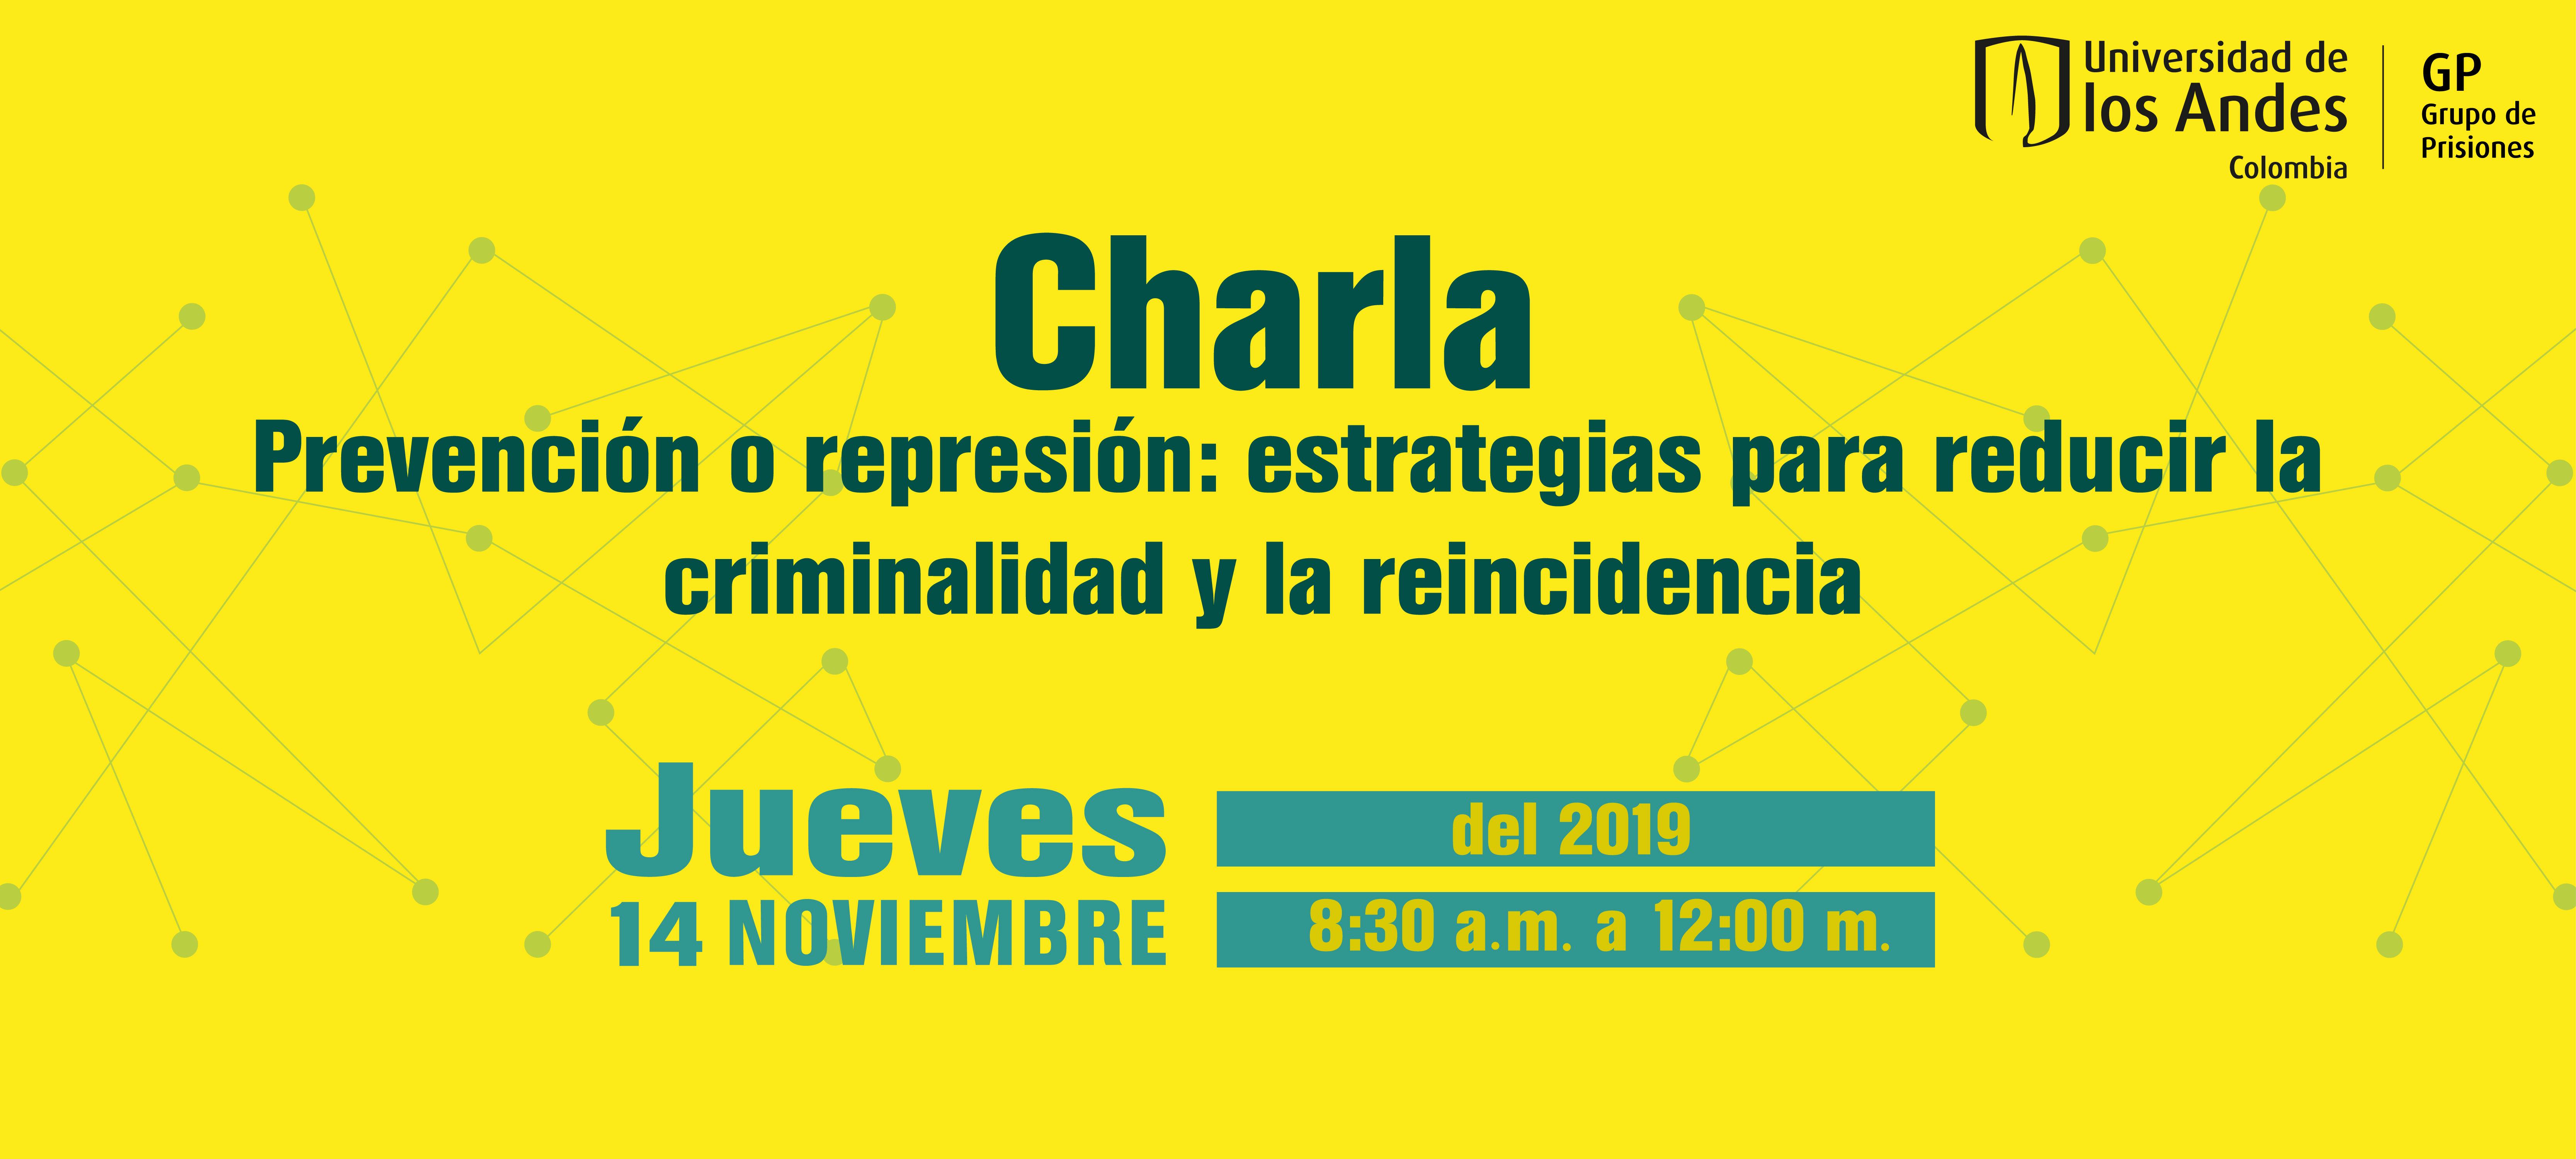 Prevención o represión: estrategias para reducir la criminalidad y la reincidencia